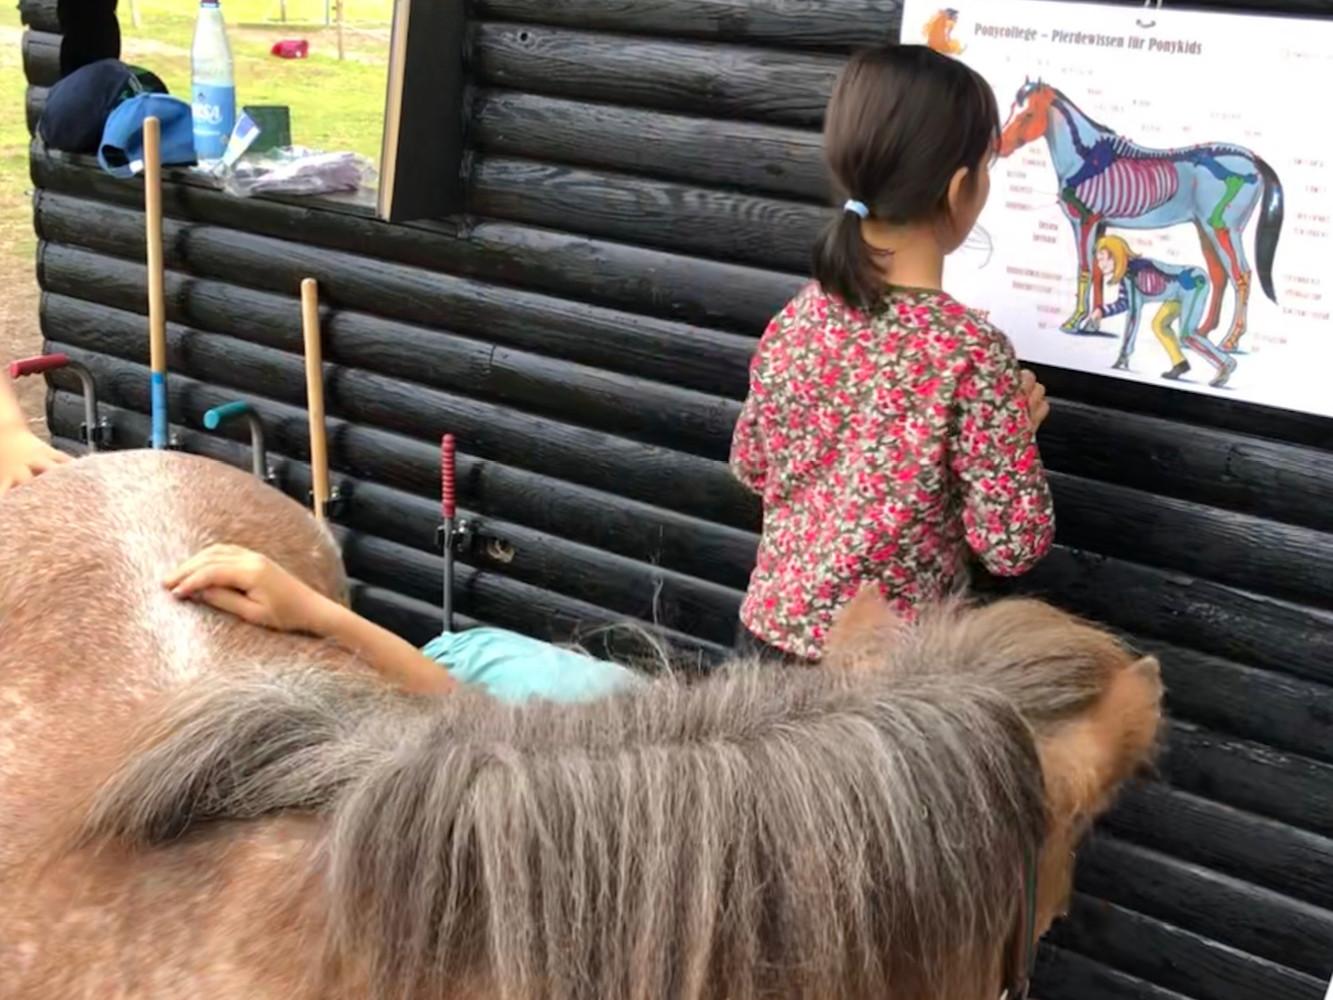 ponycollege-ponynachmittag-160619.jpg